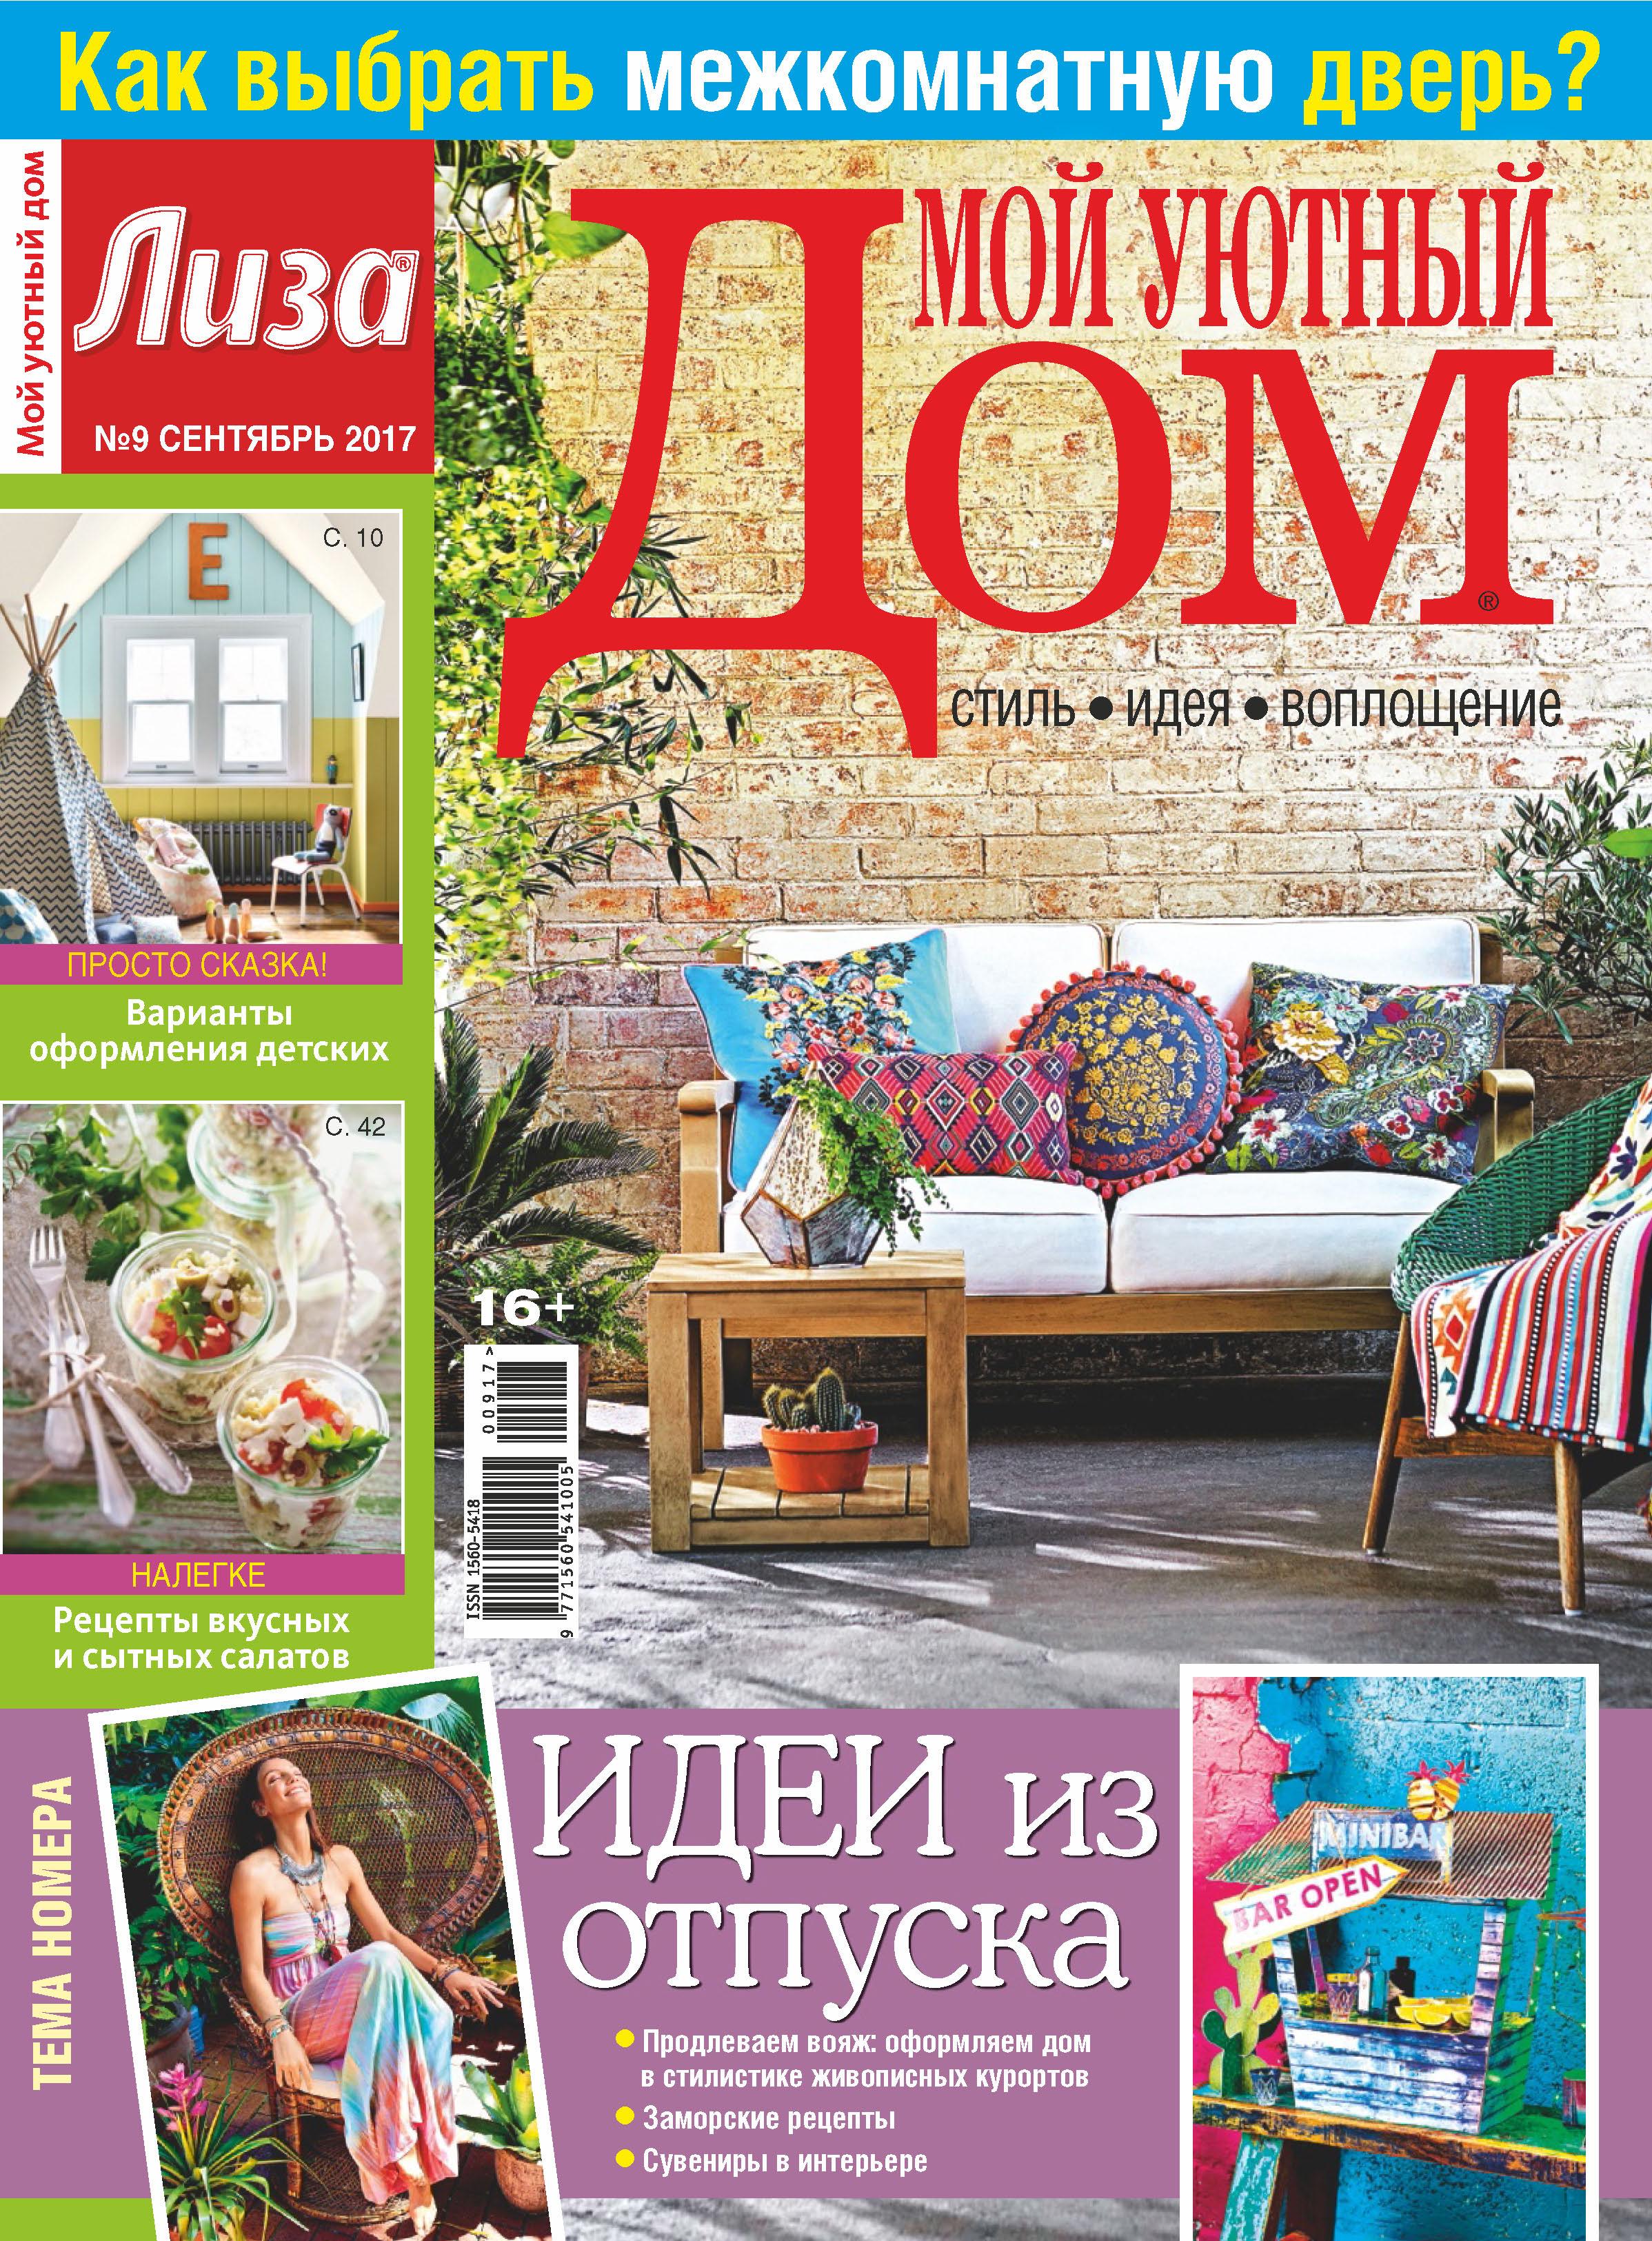 Отсутствует Журнал «Лиза. Мой уютный дом» №09/2017